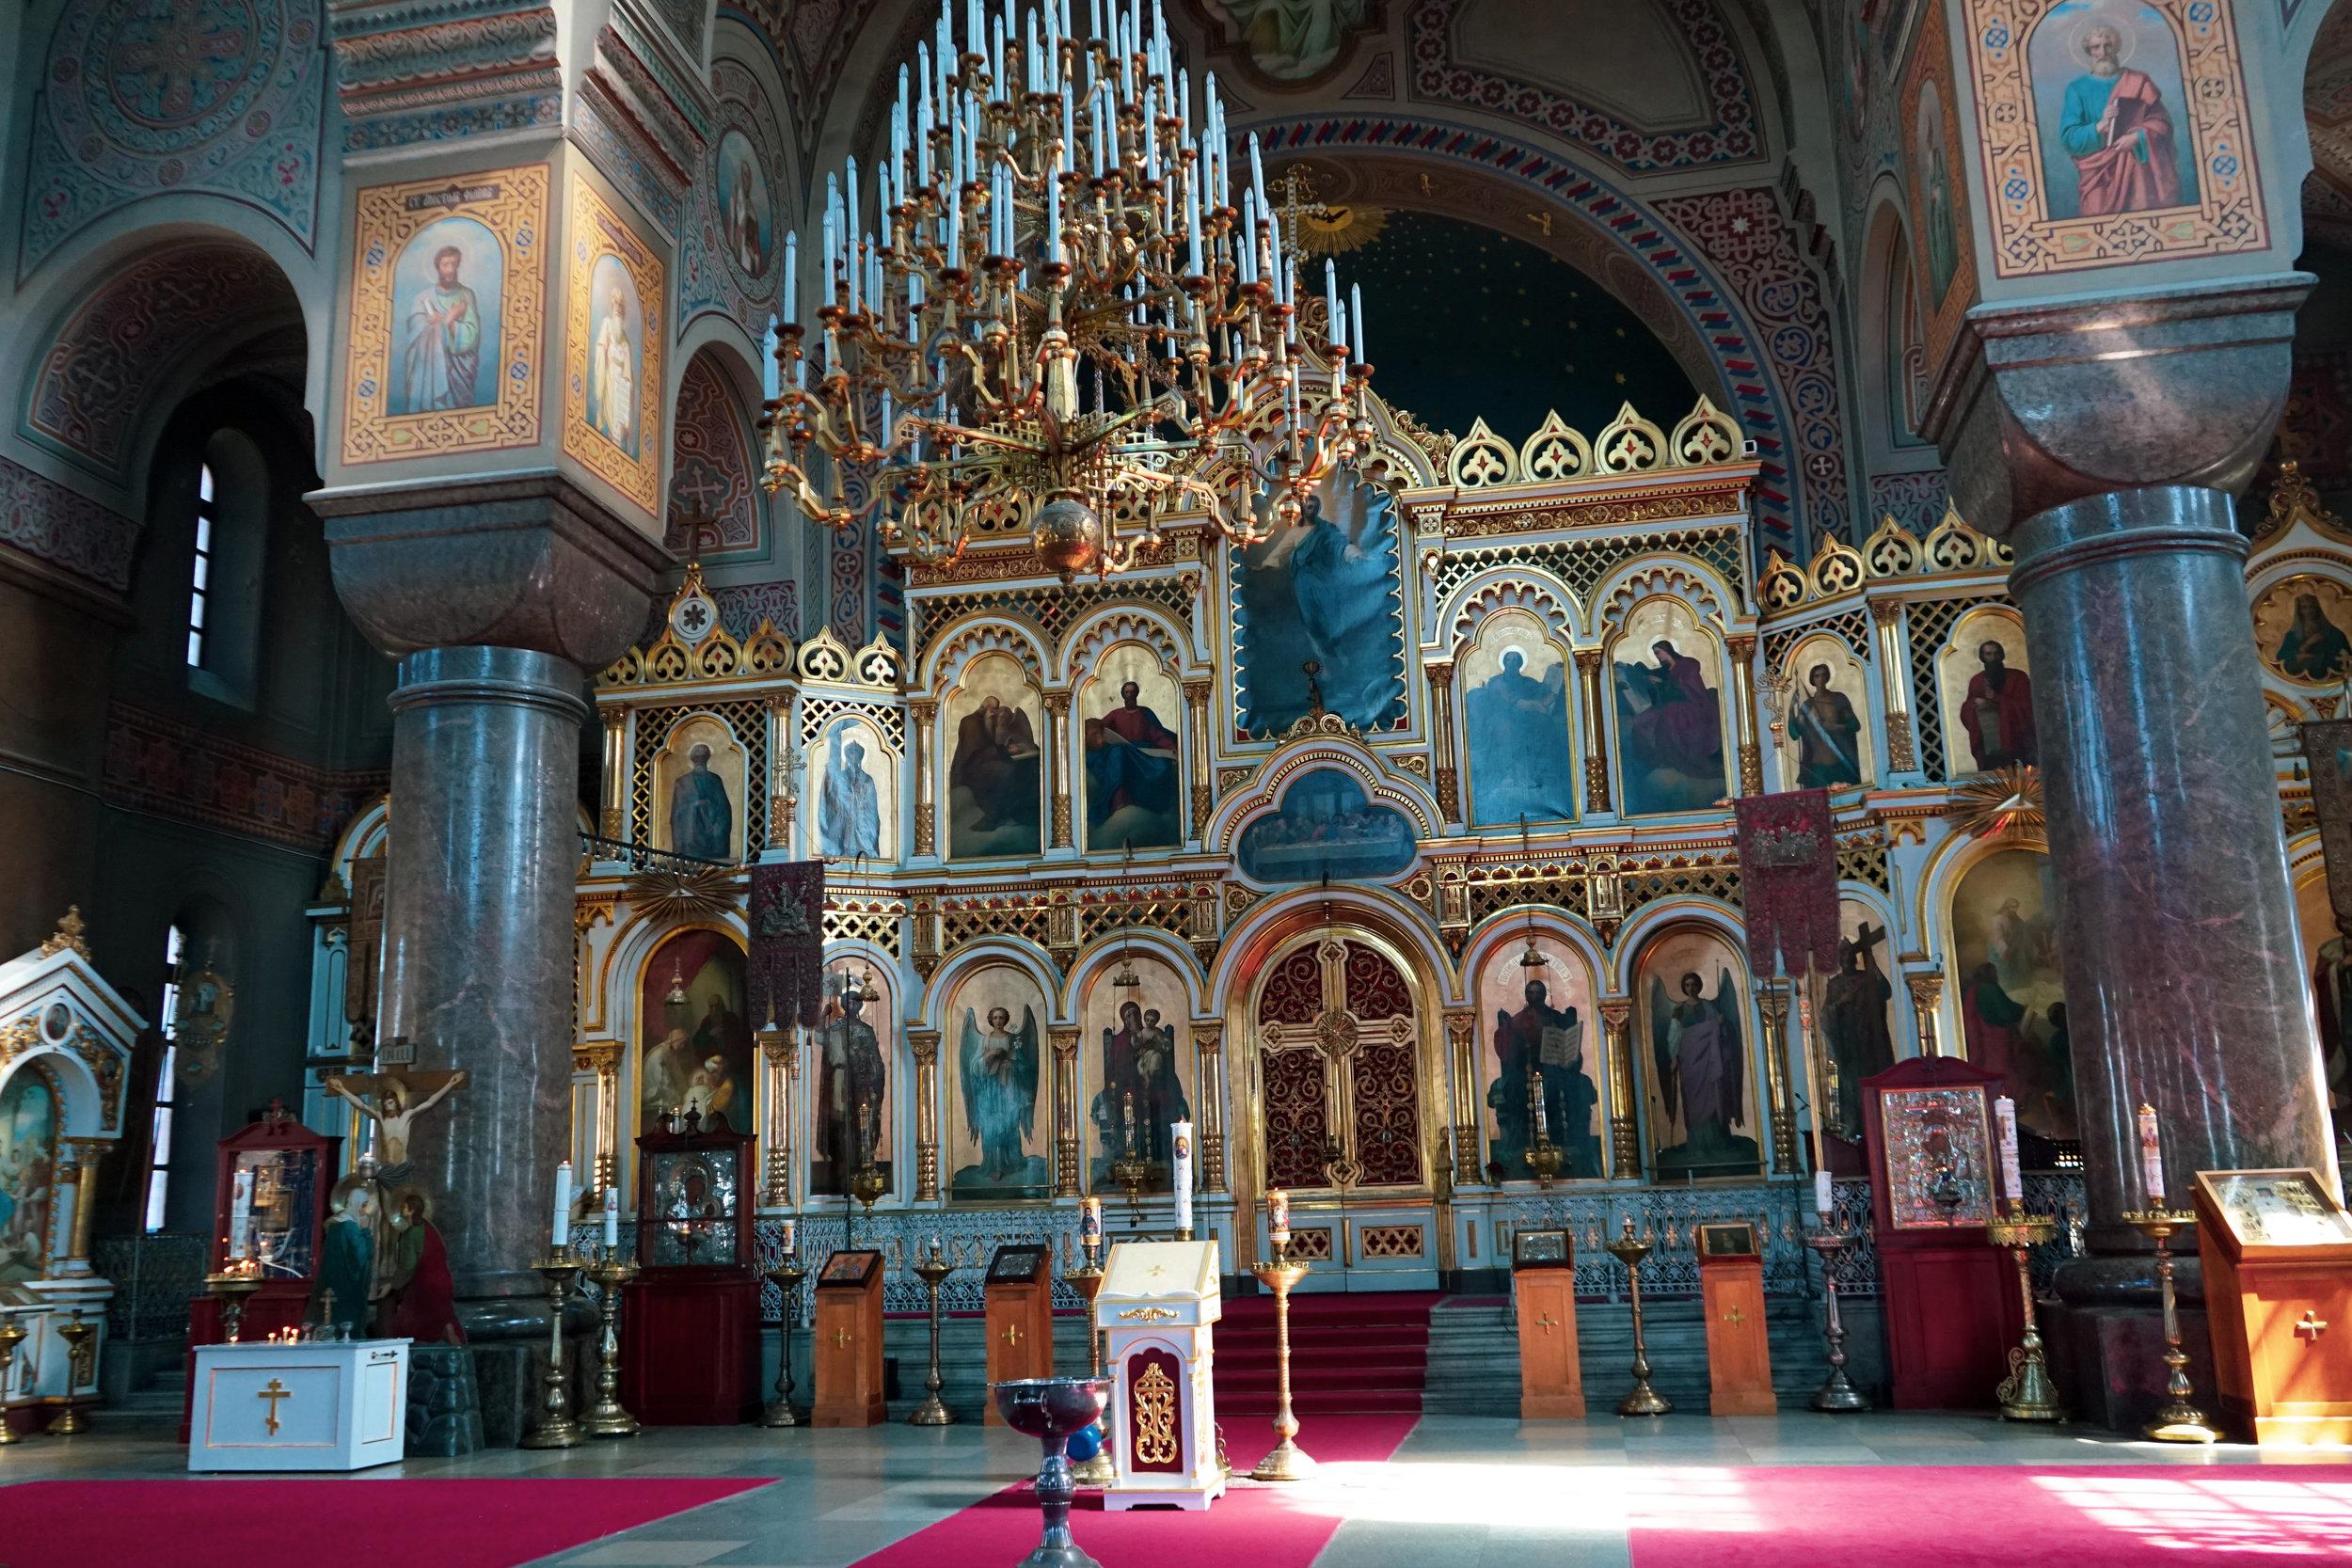 教堂內部最華麗的一面,鍍金的聖壇裝飾在日光照耀下更為金光閃閃。